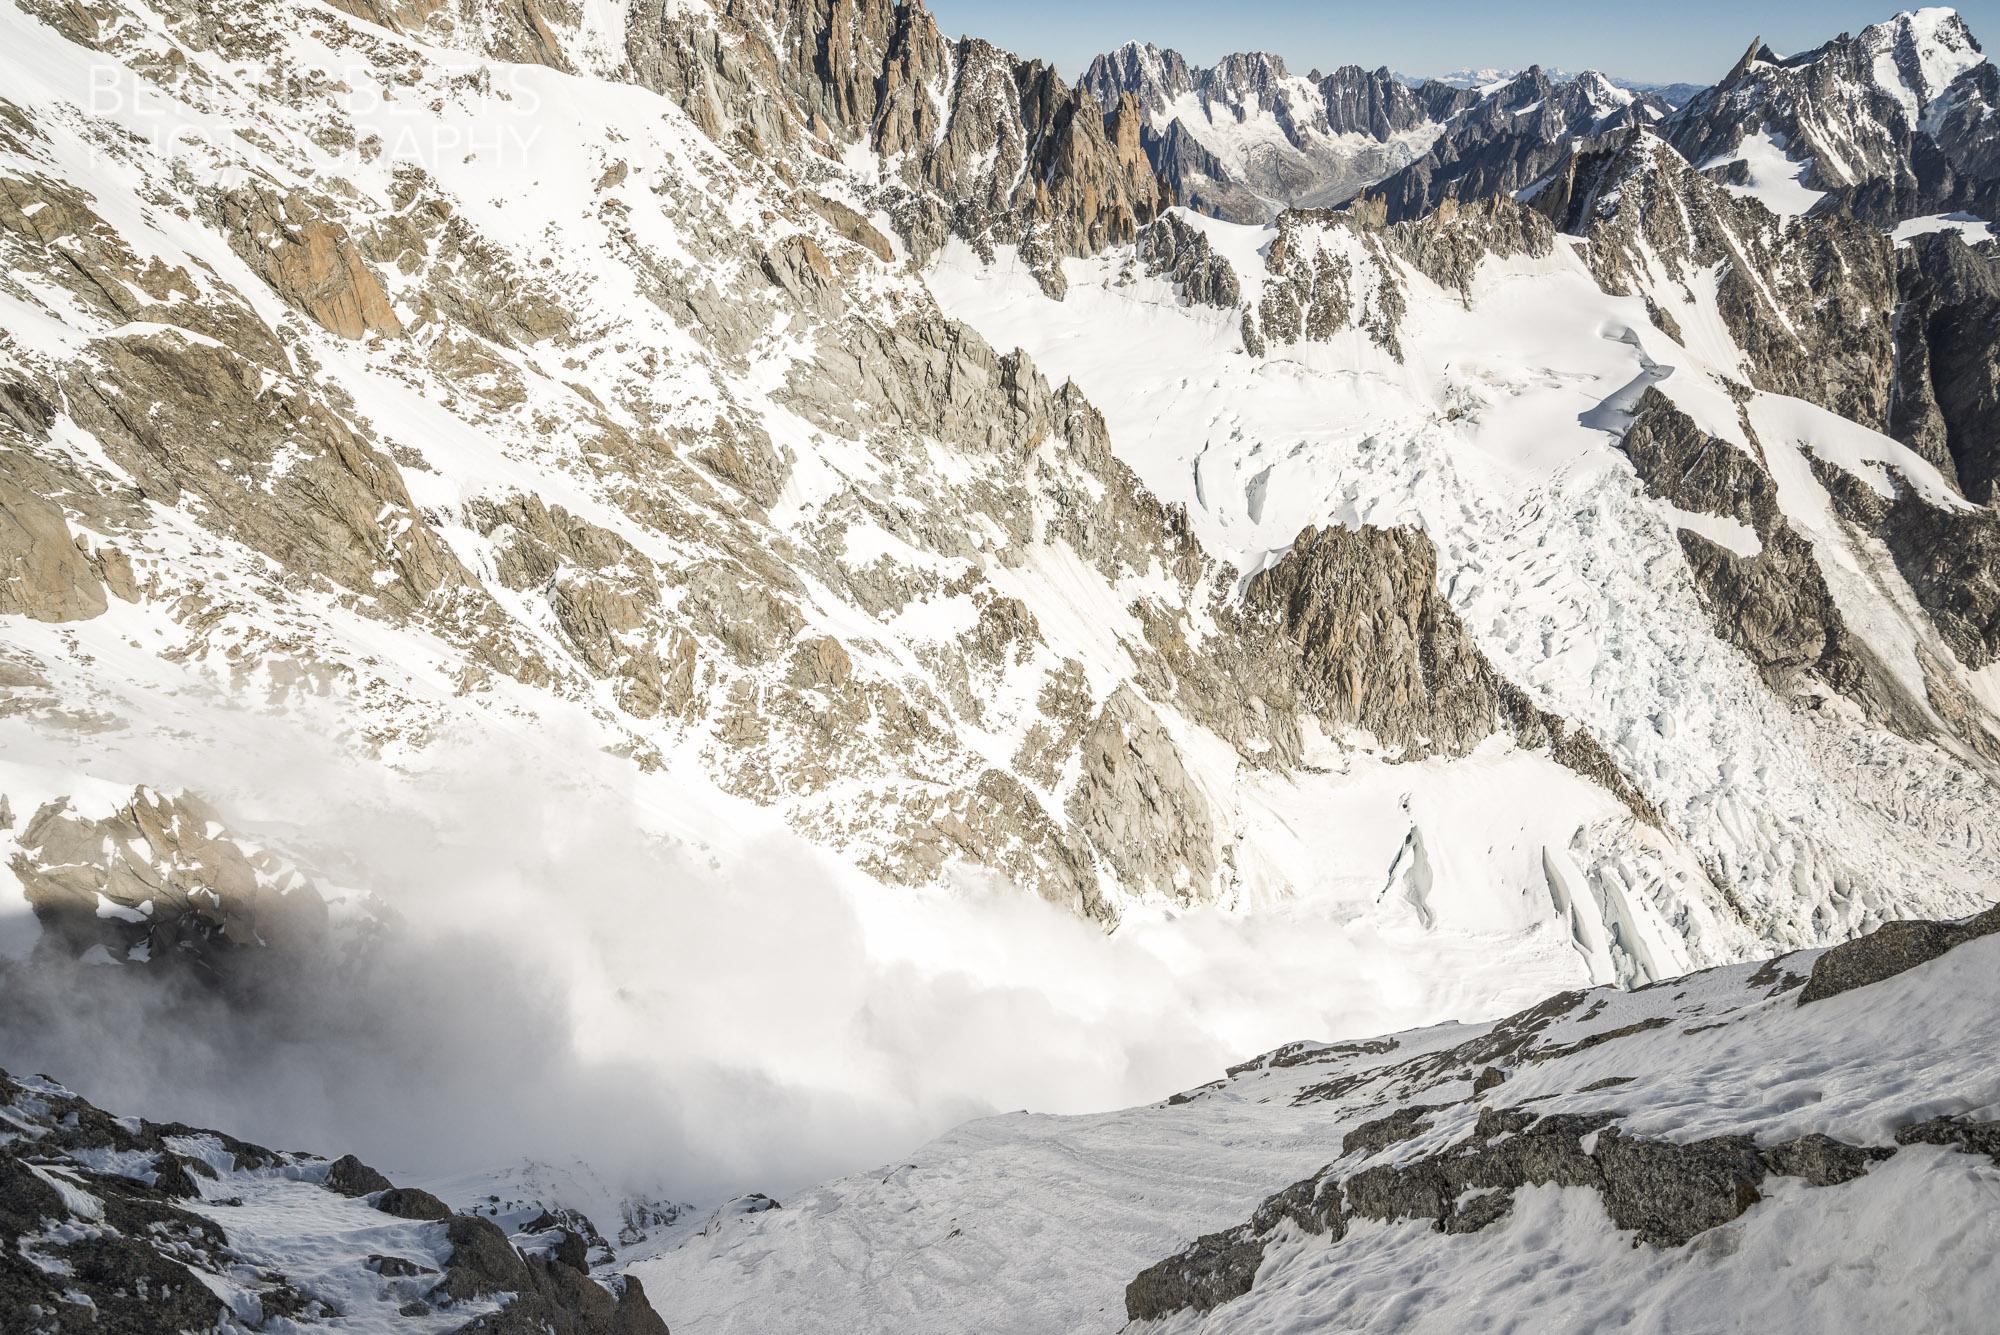 DSC_0067GPA Boivin avalanche